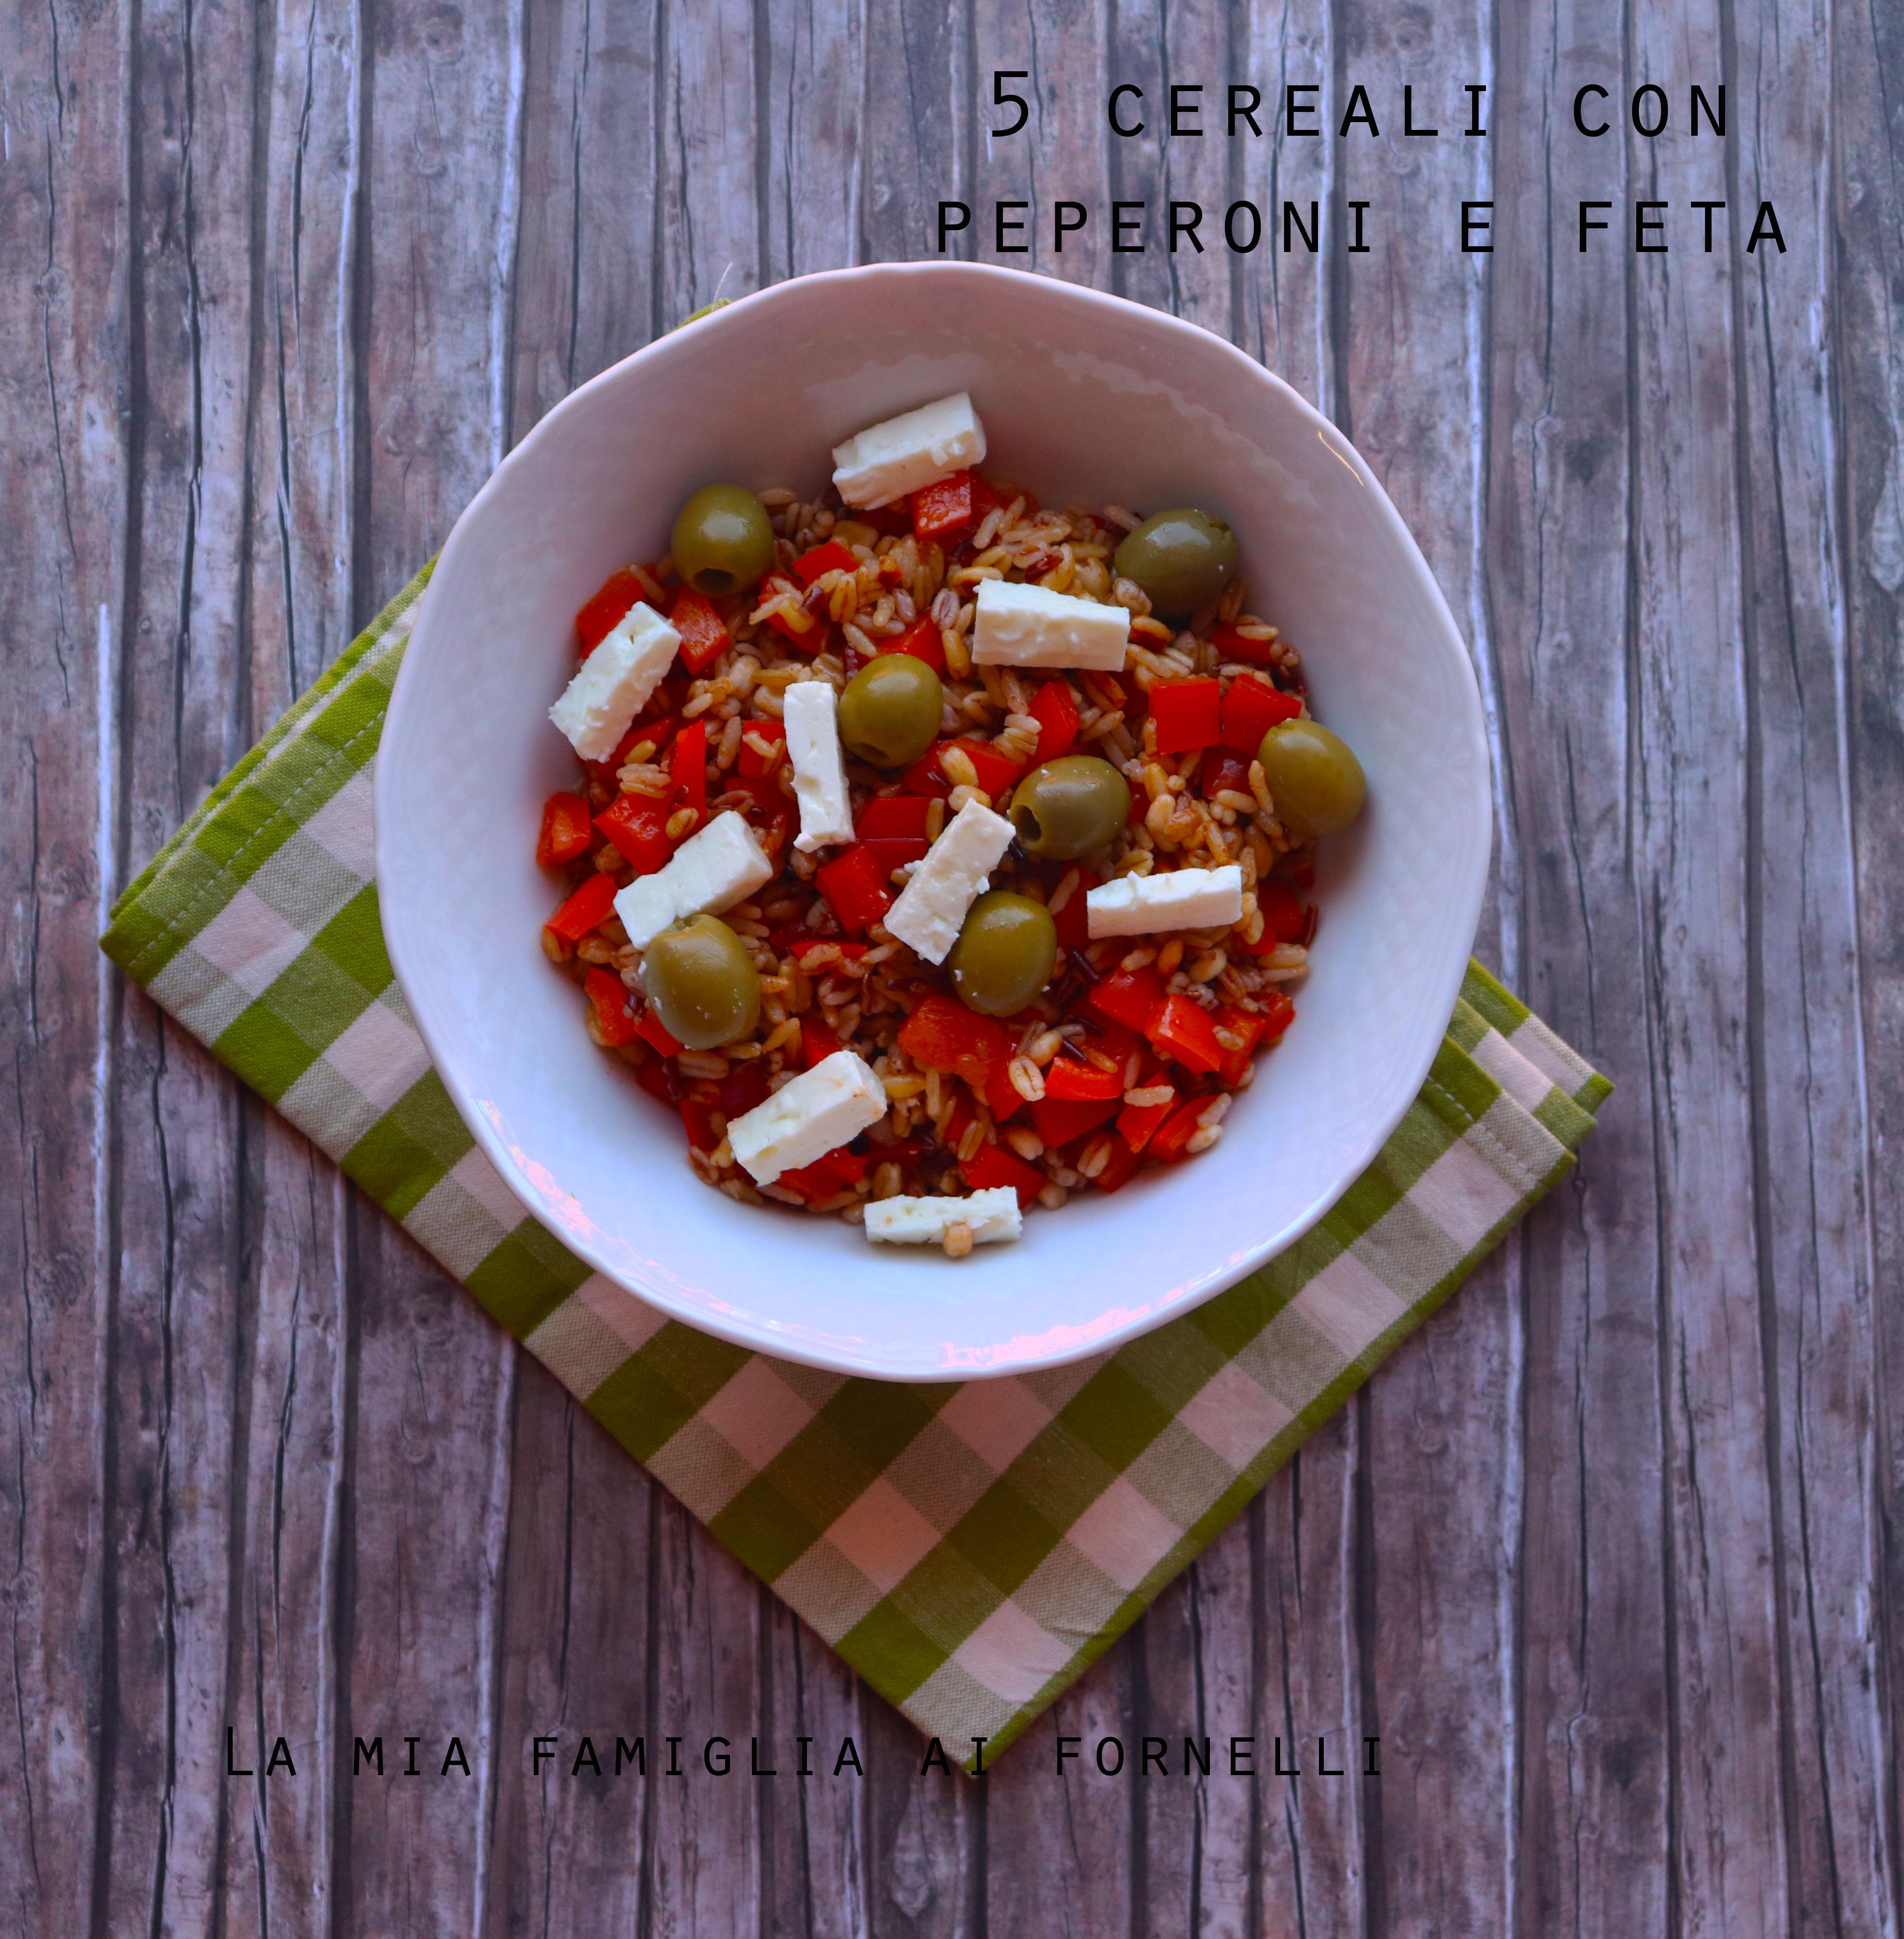 5 cereali con peperoni e feta